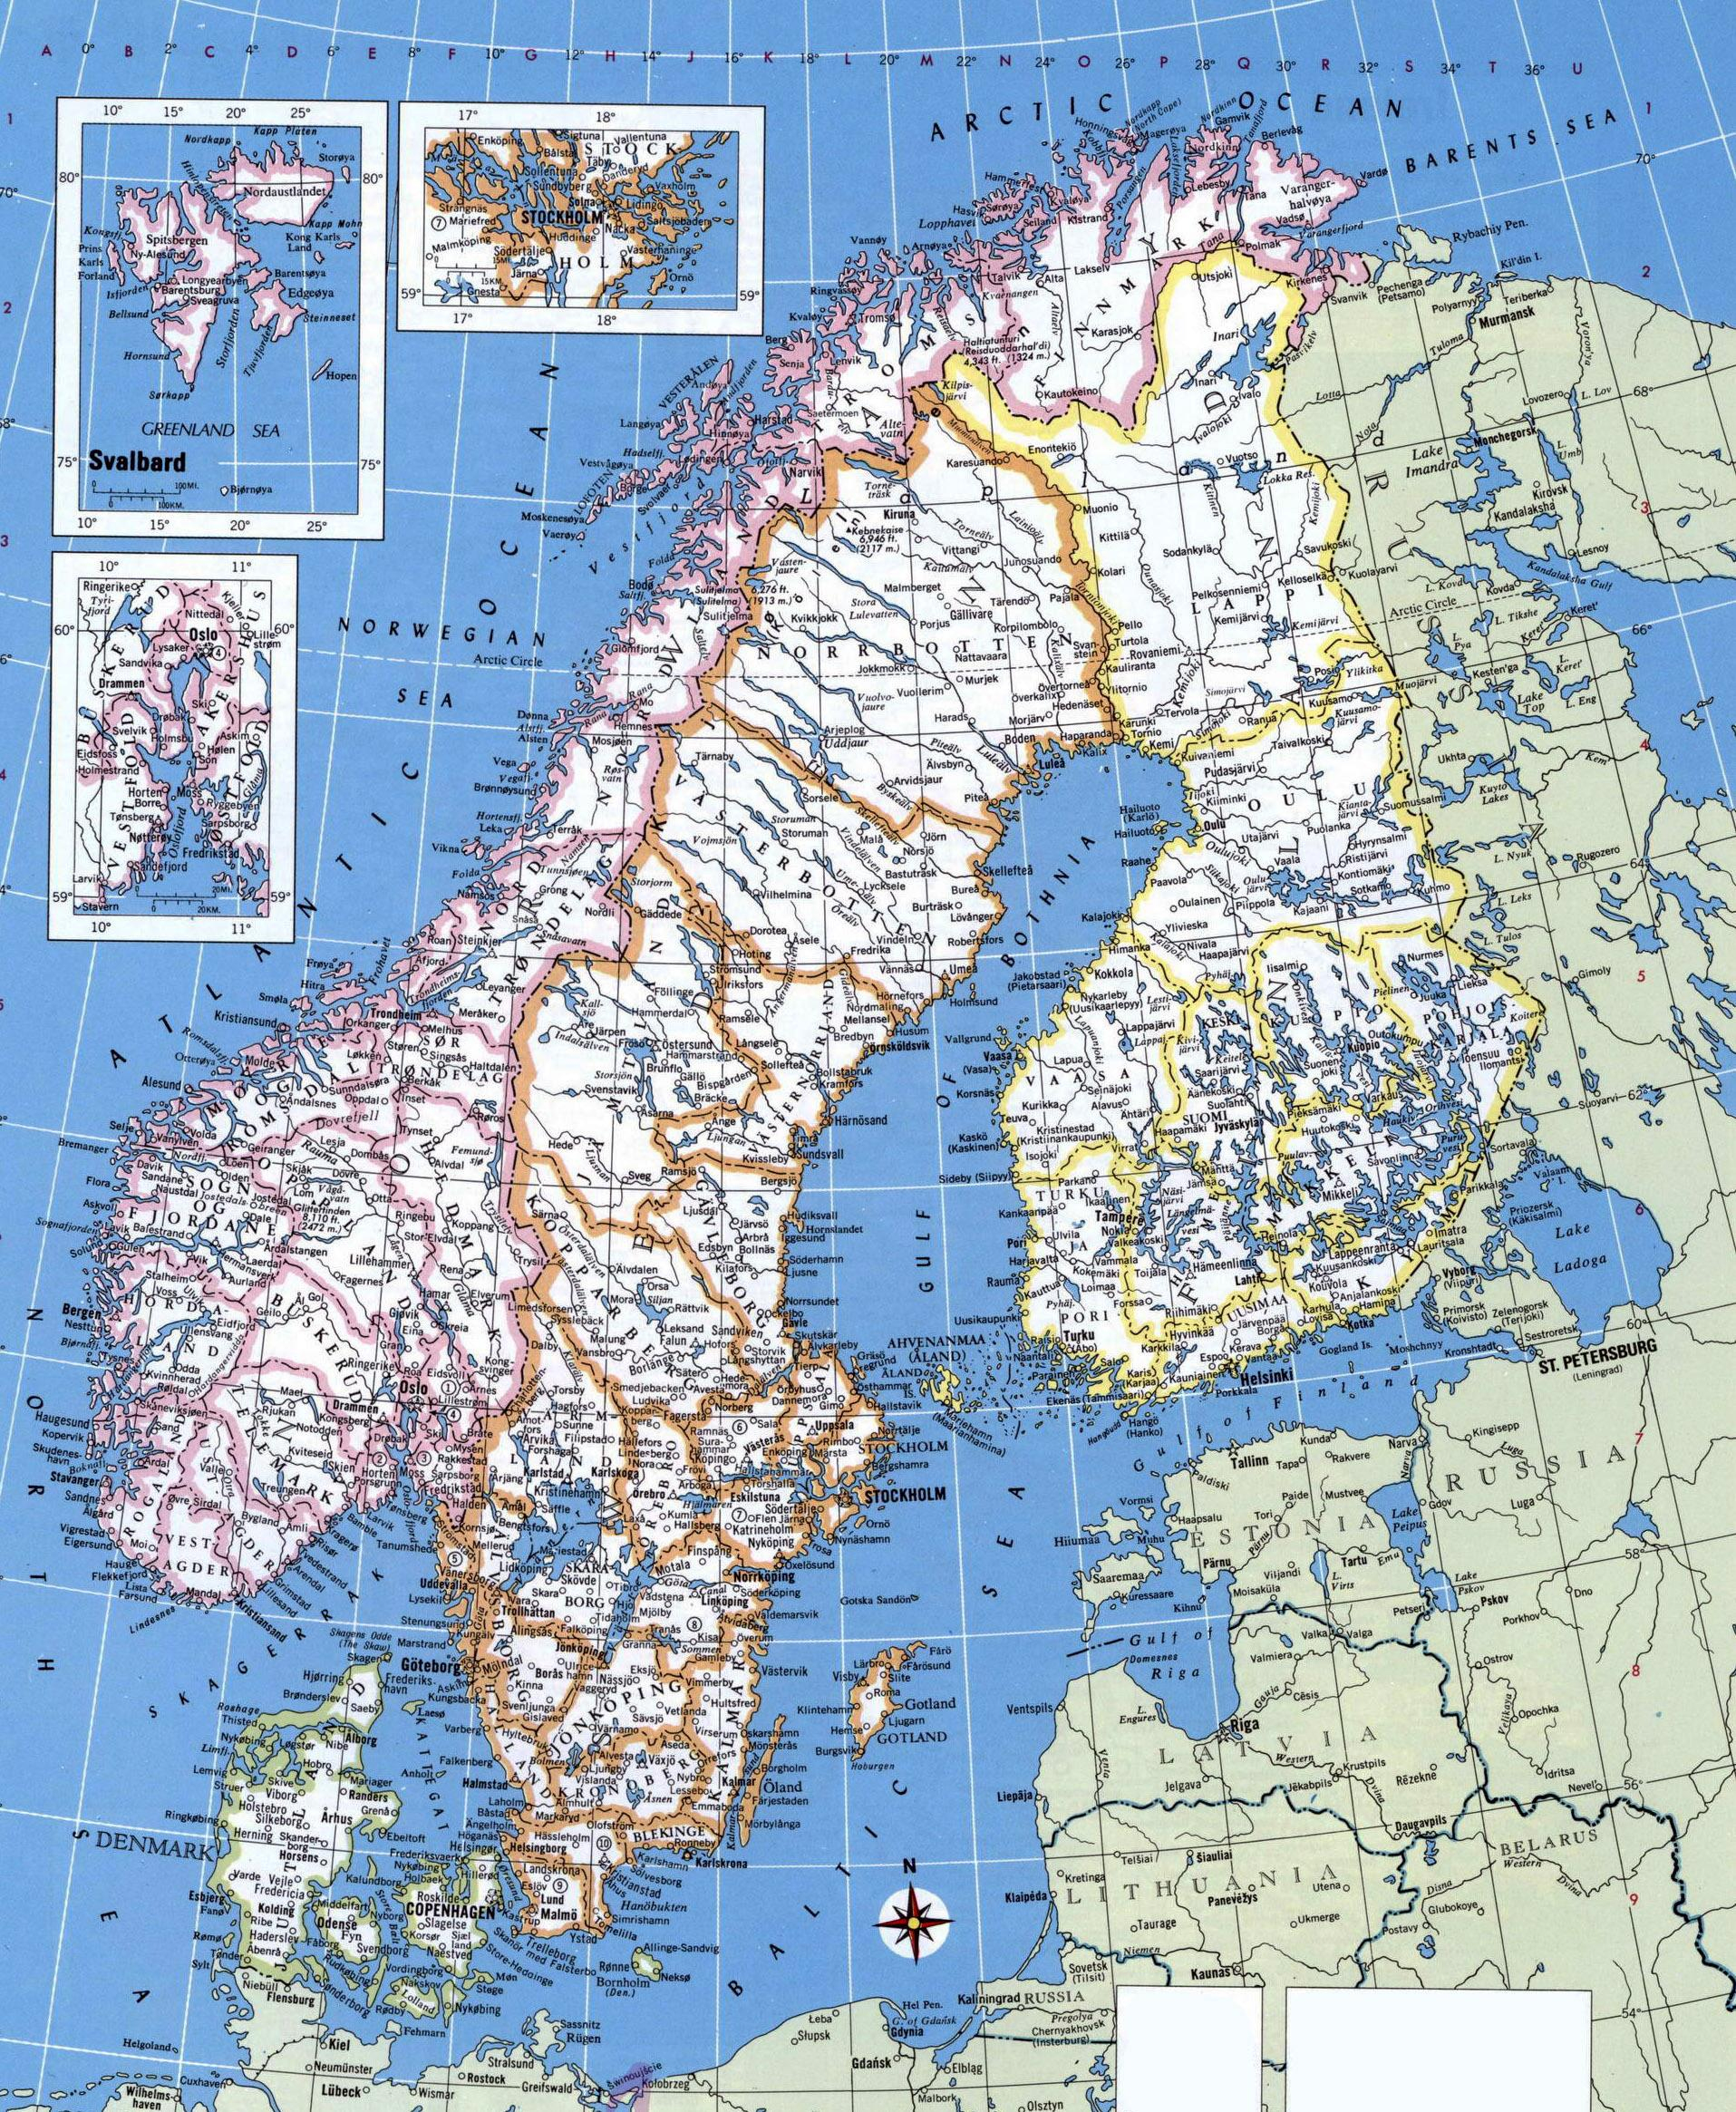 Carte Détaillée De La Norvège - Carte Détaillée De La concernant Carte De L Europe Détaillée